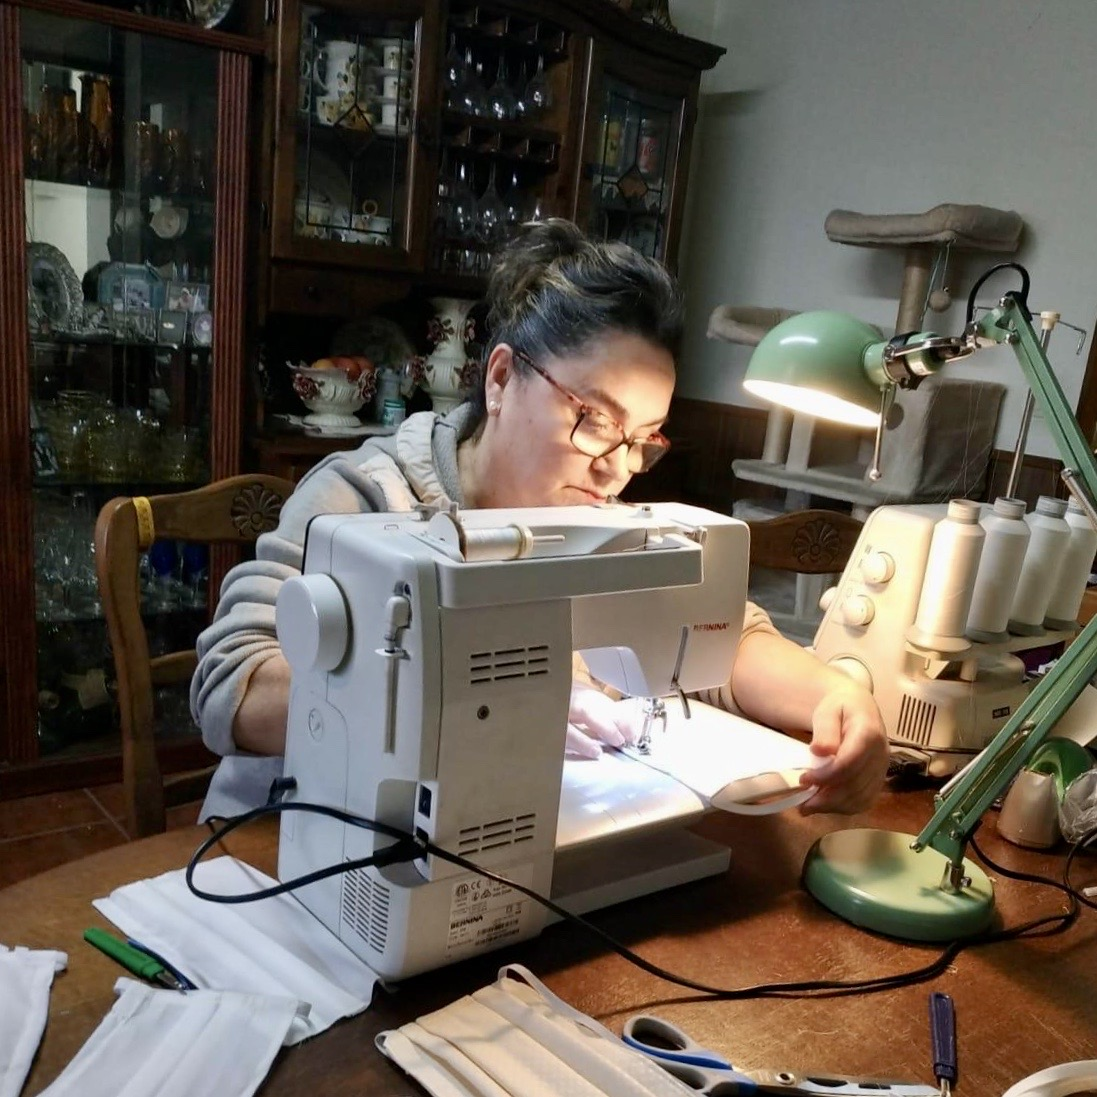 Veintiún costureras de Ribadesella se unen para confeccionar mascarillas. Mañana entregan las primeras